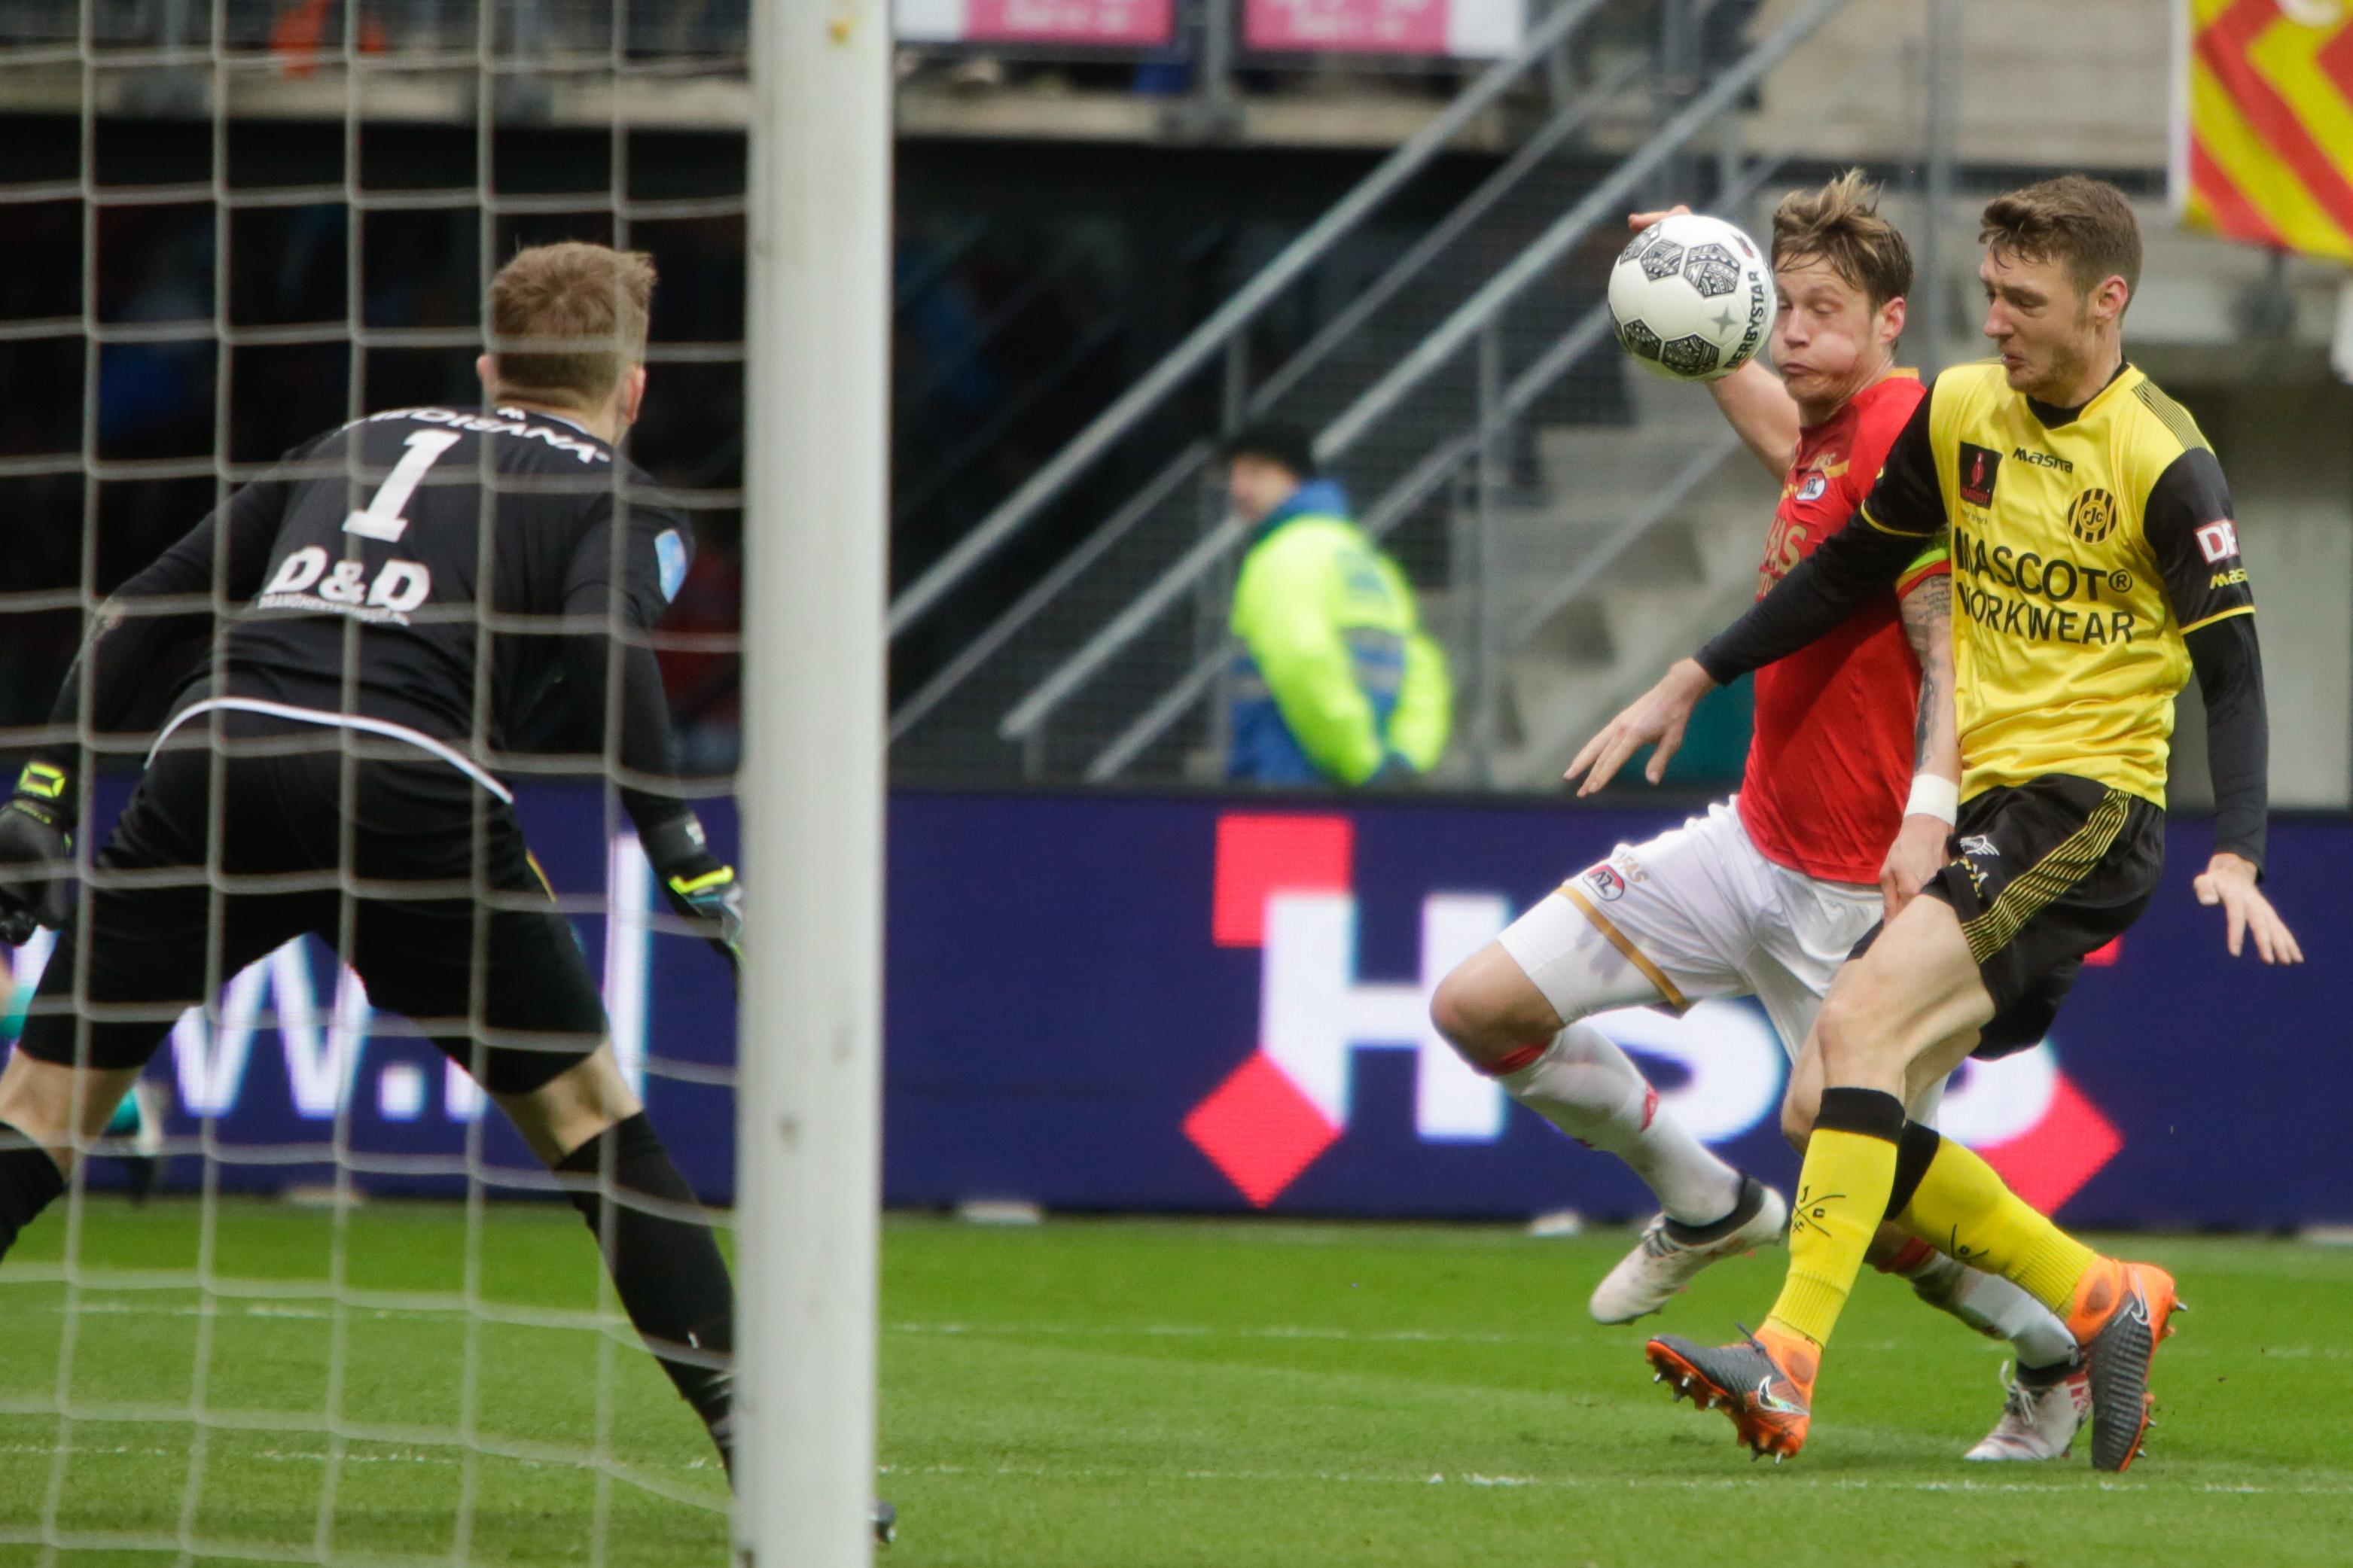 Stiftje van Overeem mist het doel net voor de 3-2. (Foto: Vincent de Vries/RM) rodi.nl © rodi